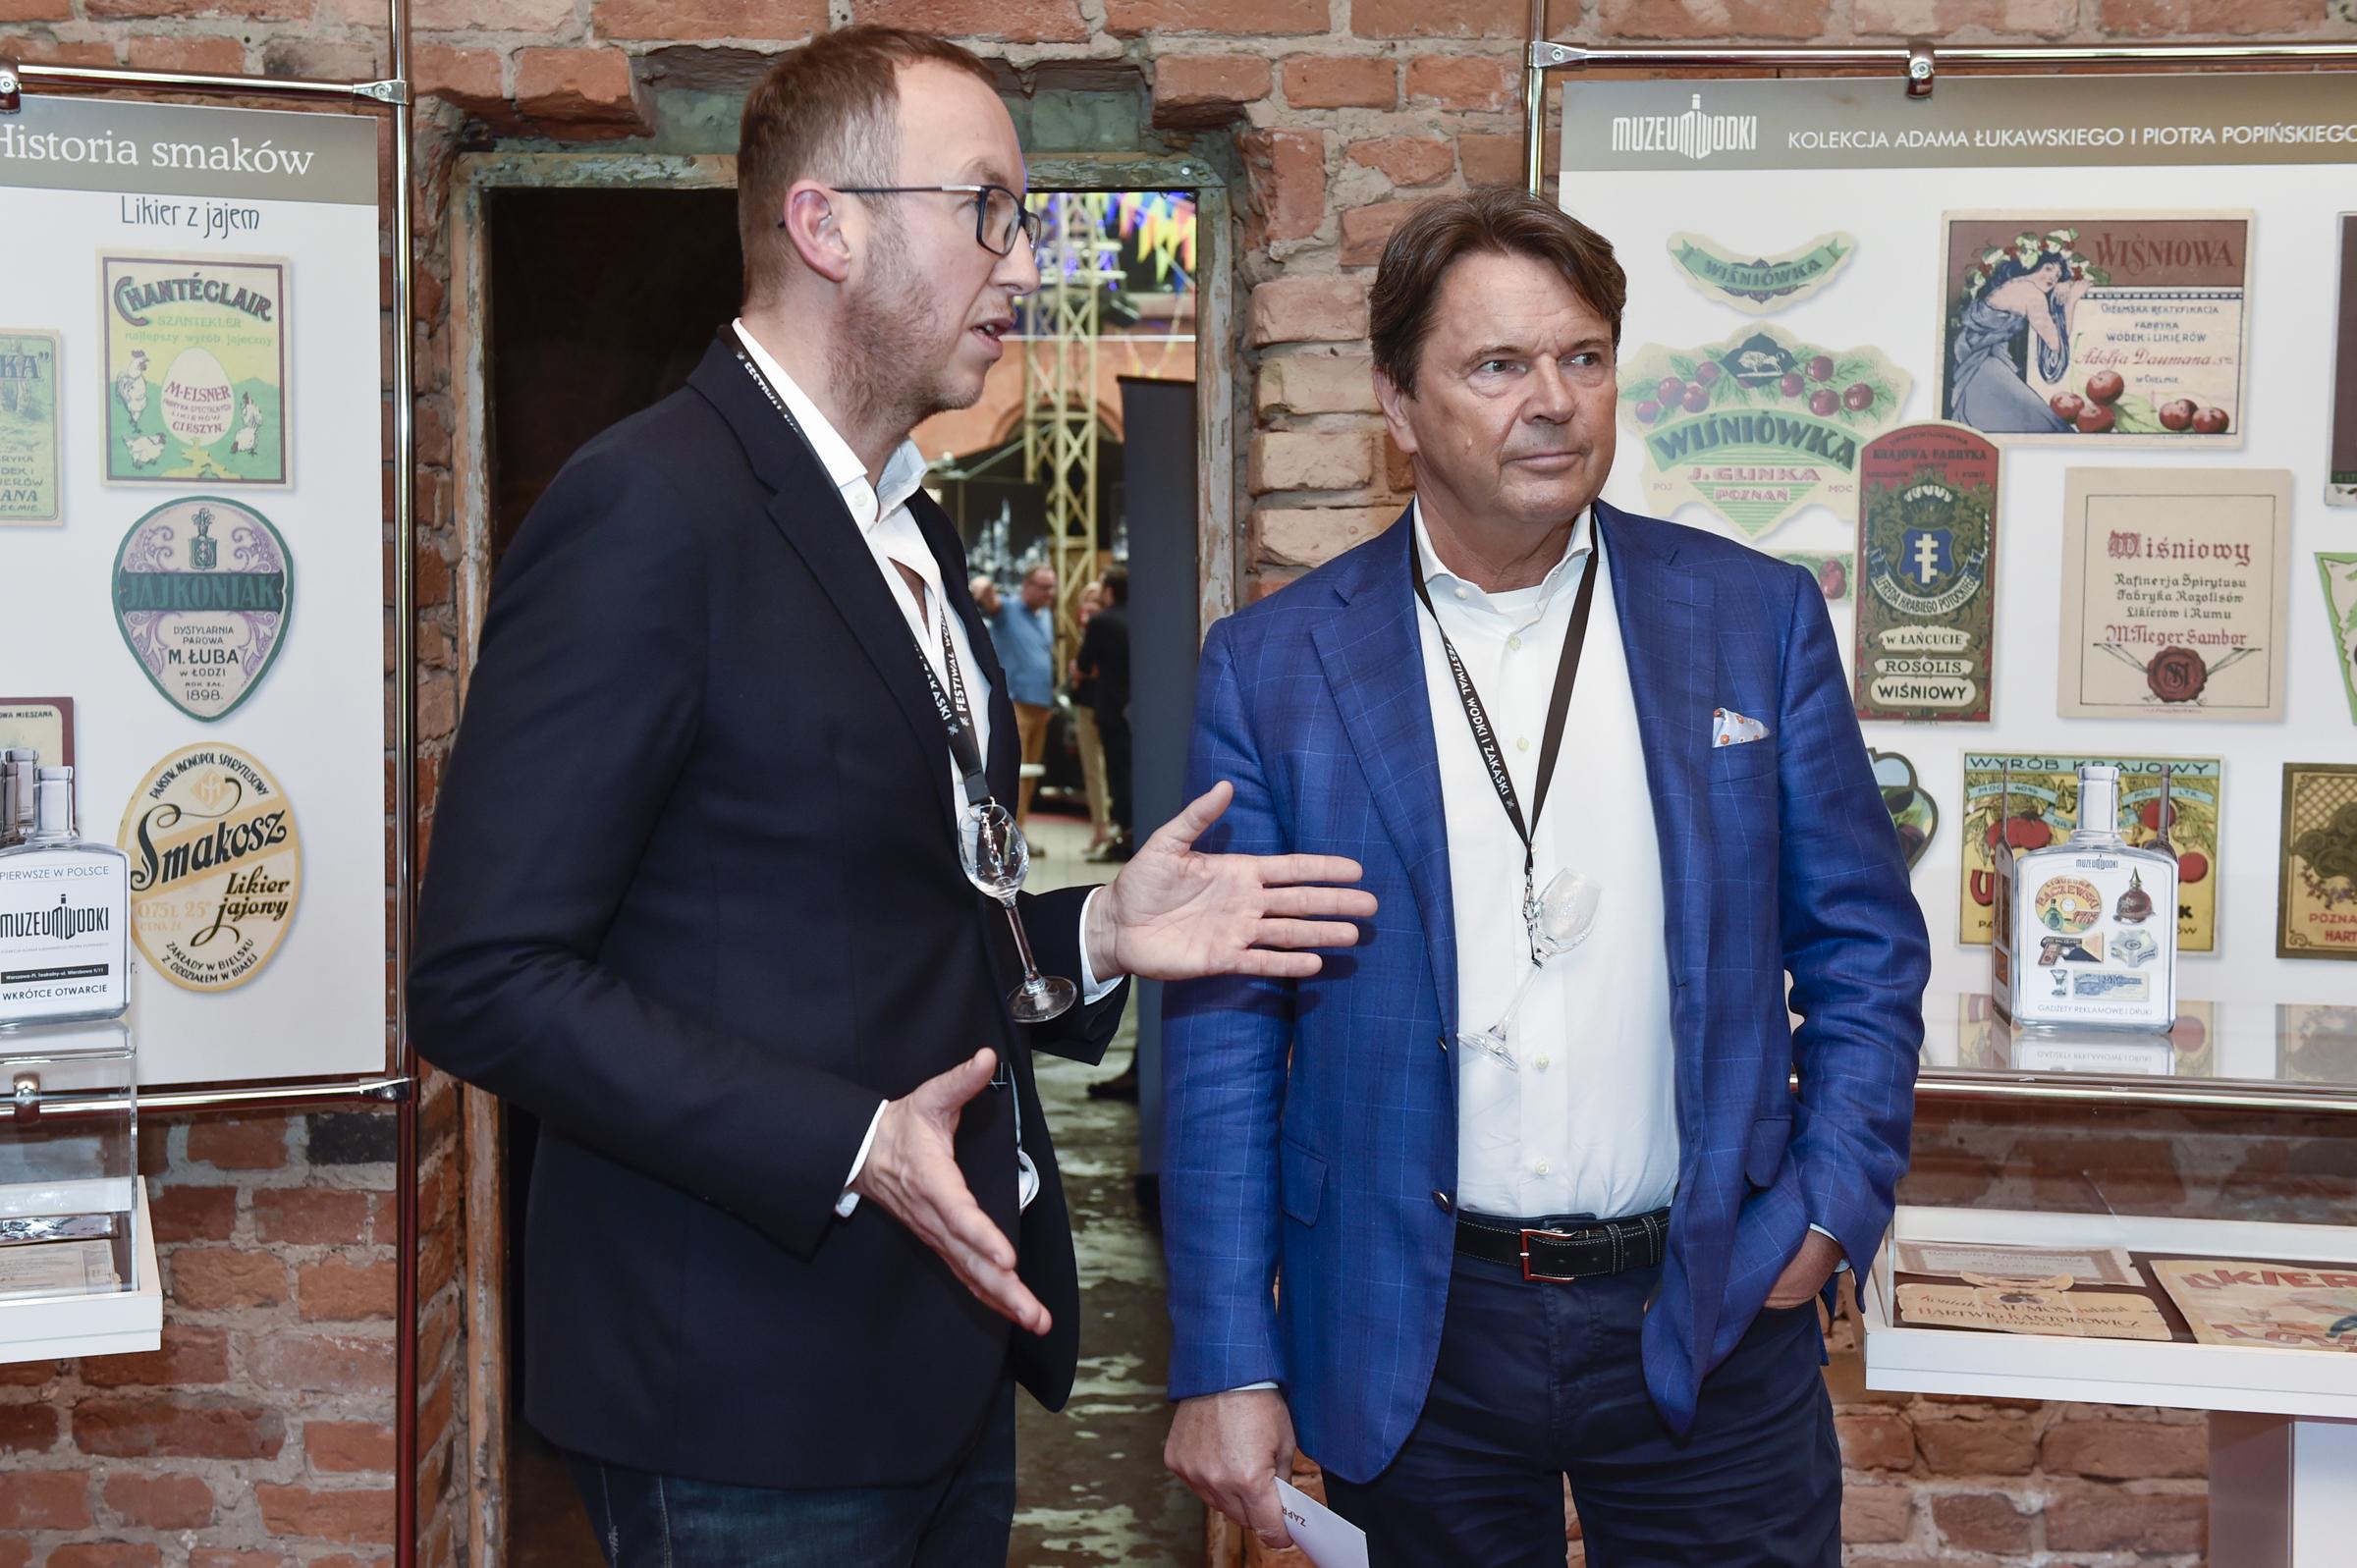 FWIZ 4a - Piotr Popiński prezentuje Zbigniewowi Jakubasowi Muzeum Wódki